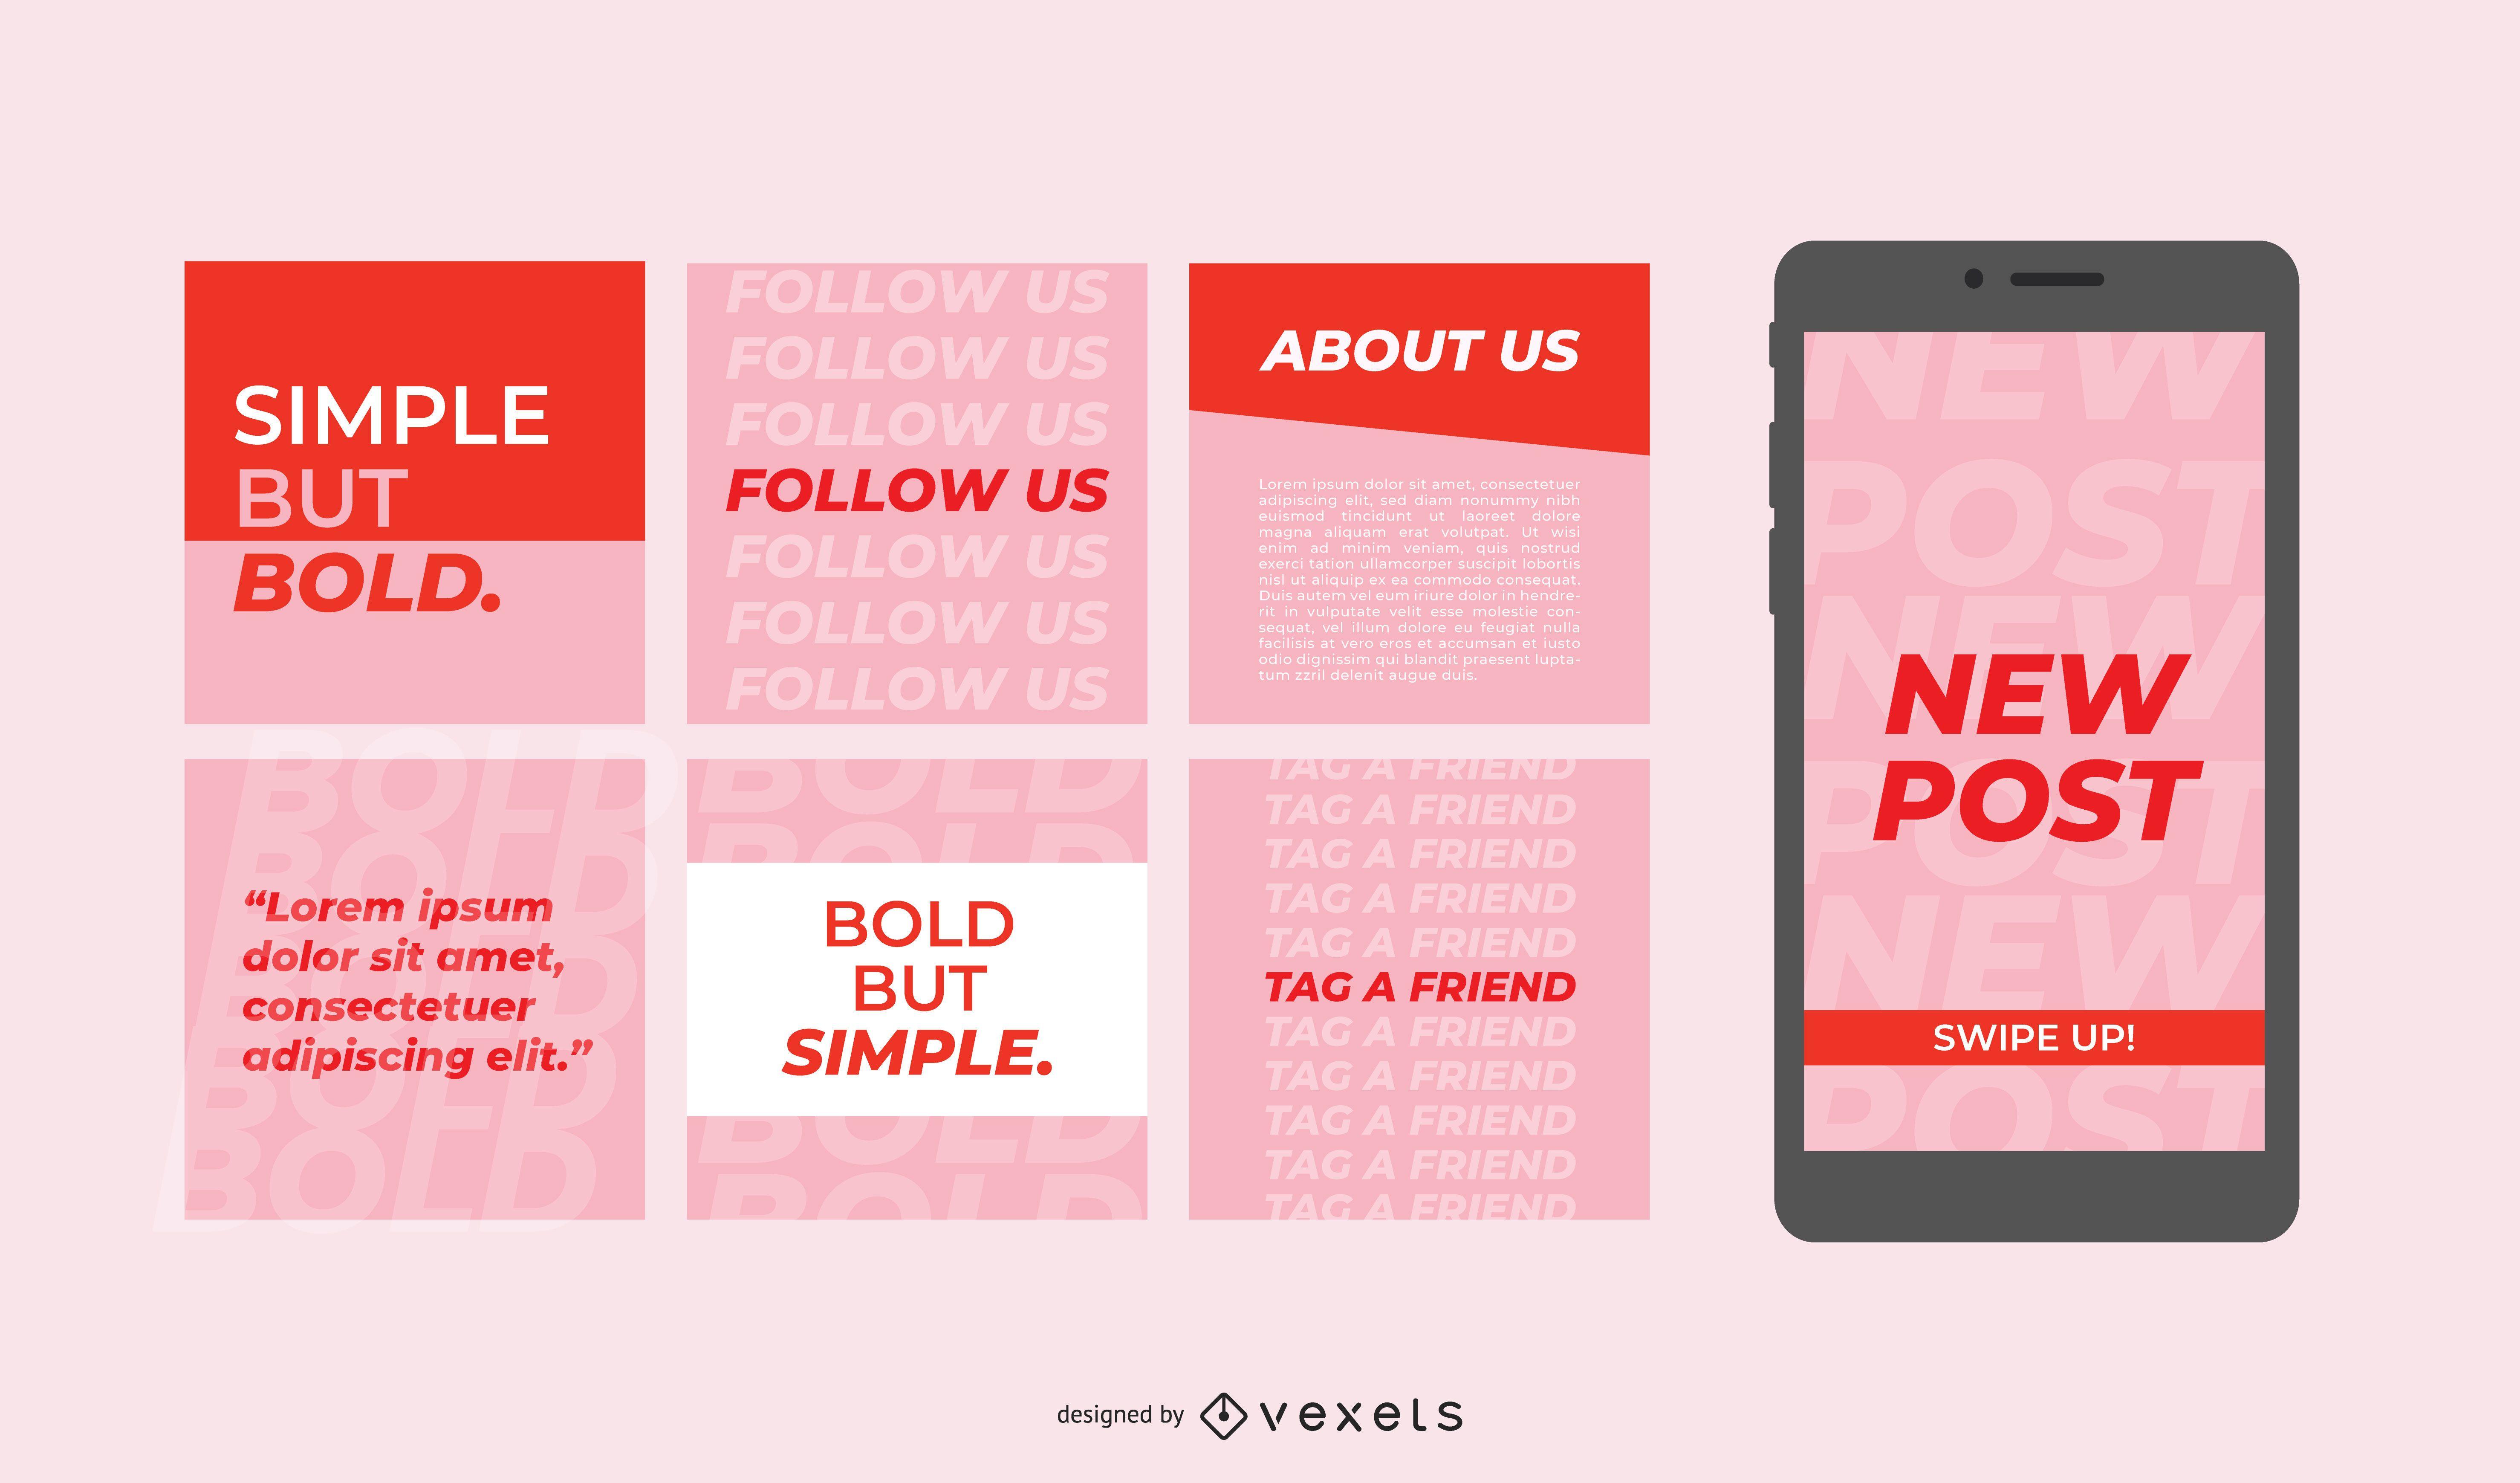 Publicaciones simples en redes sociales en negrita